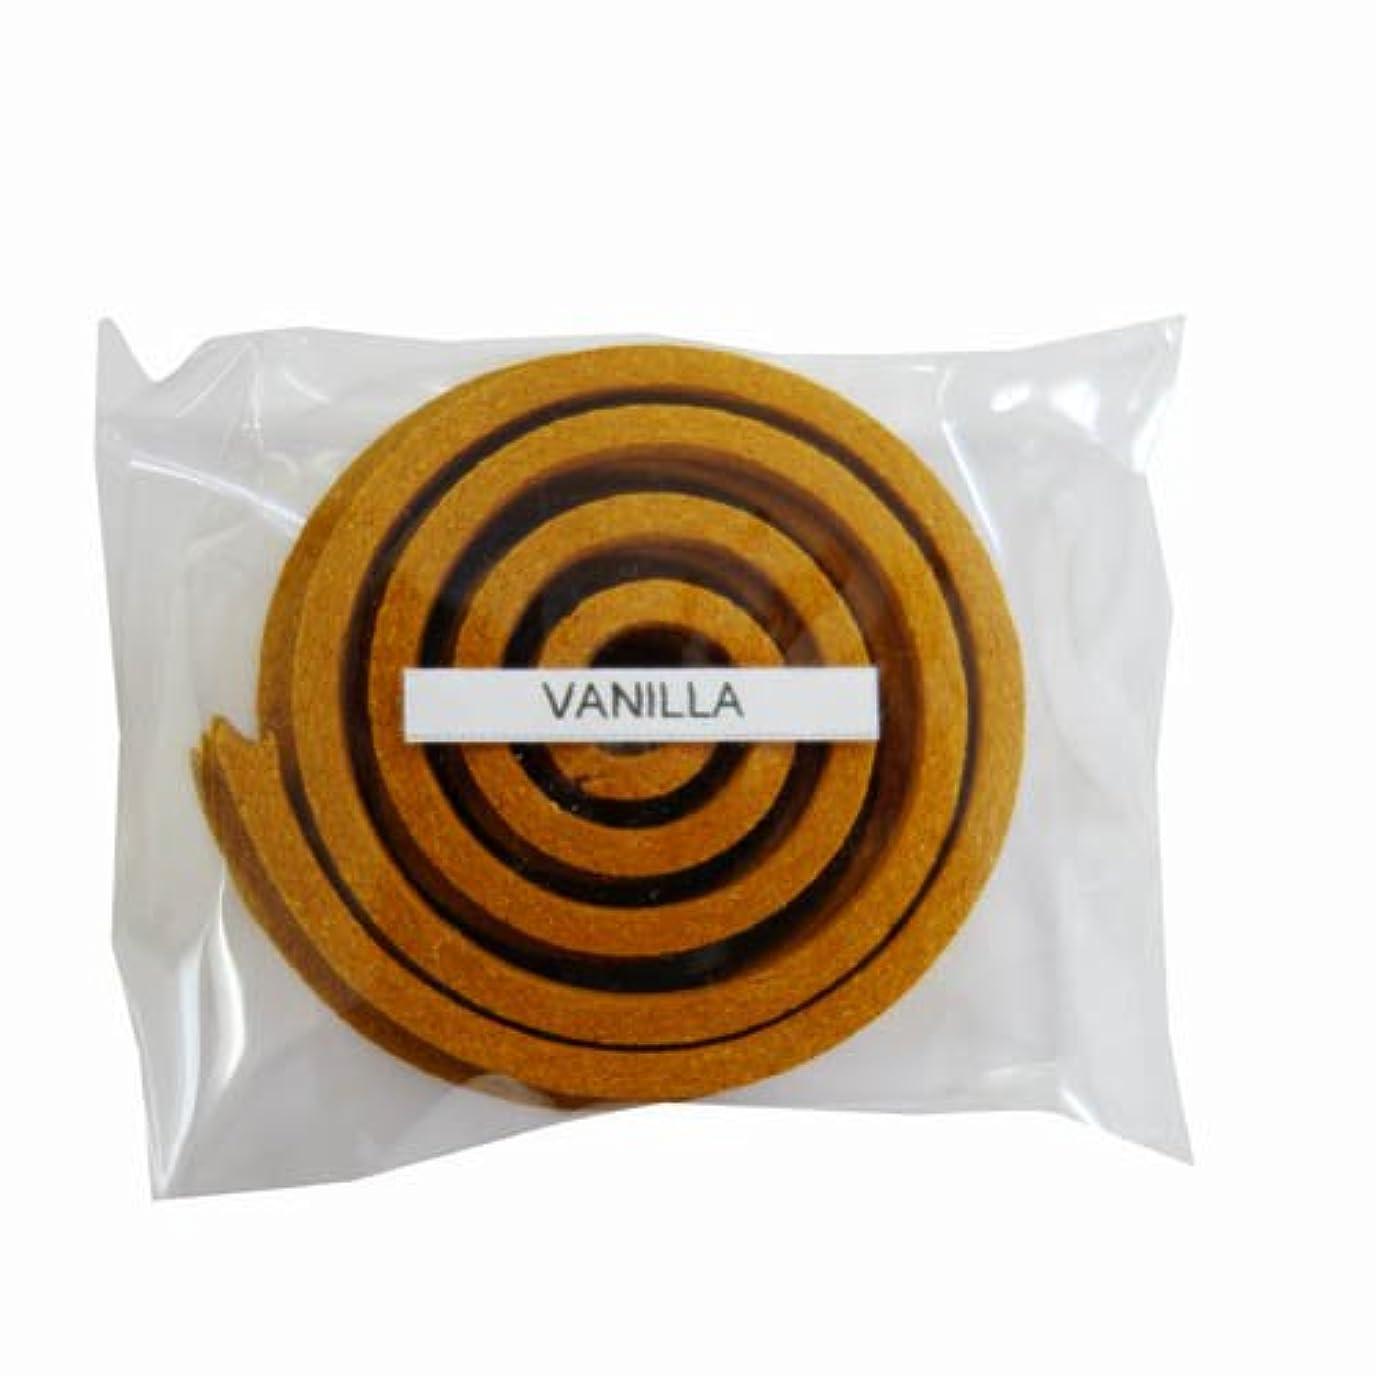 お香/うずまき香 VANILLA バニラ 直径5cm×5巻セット [並行輸入品]